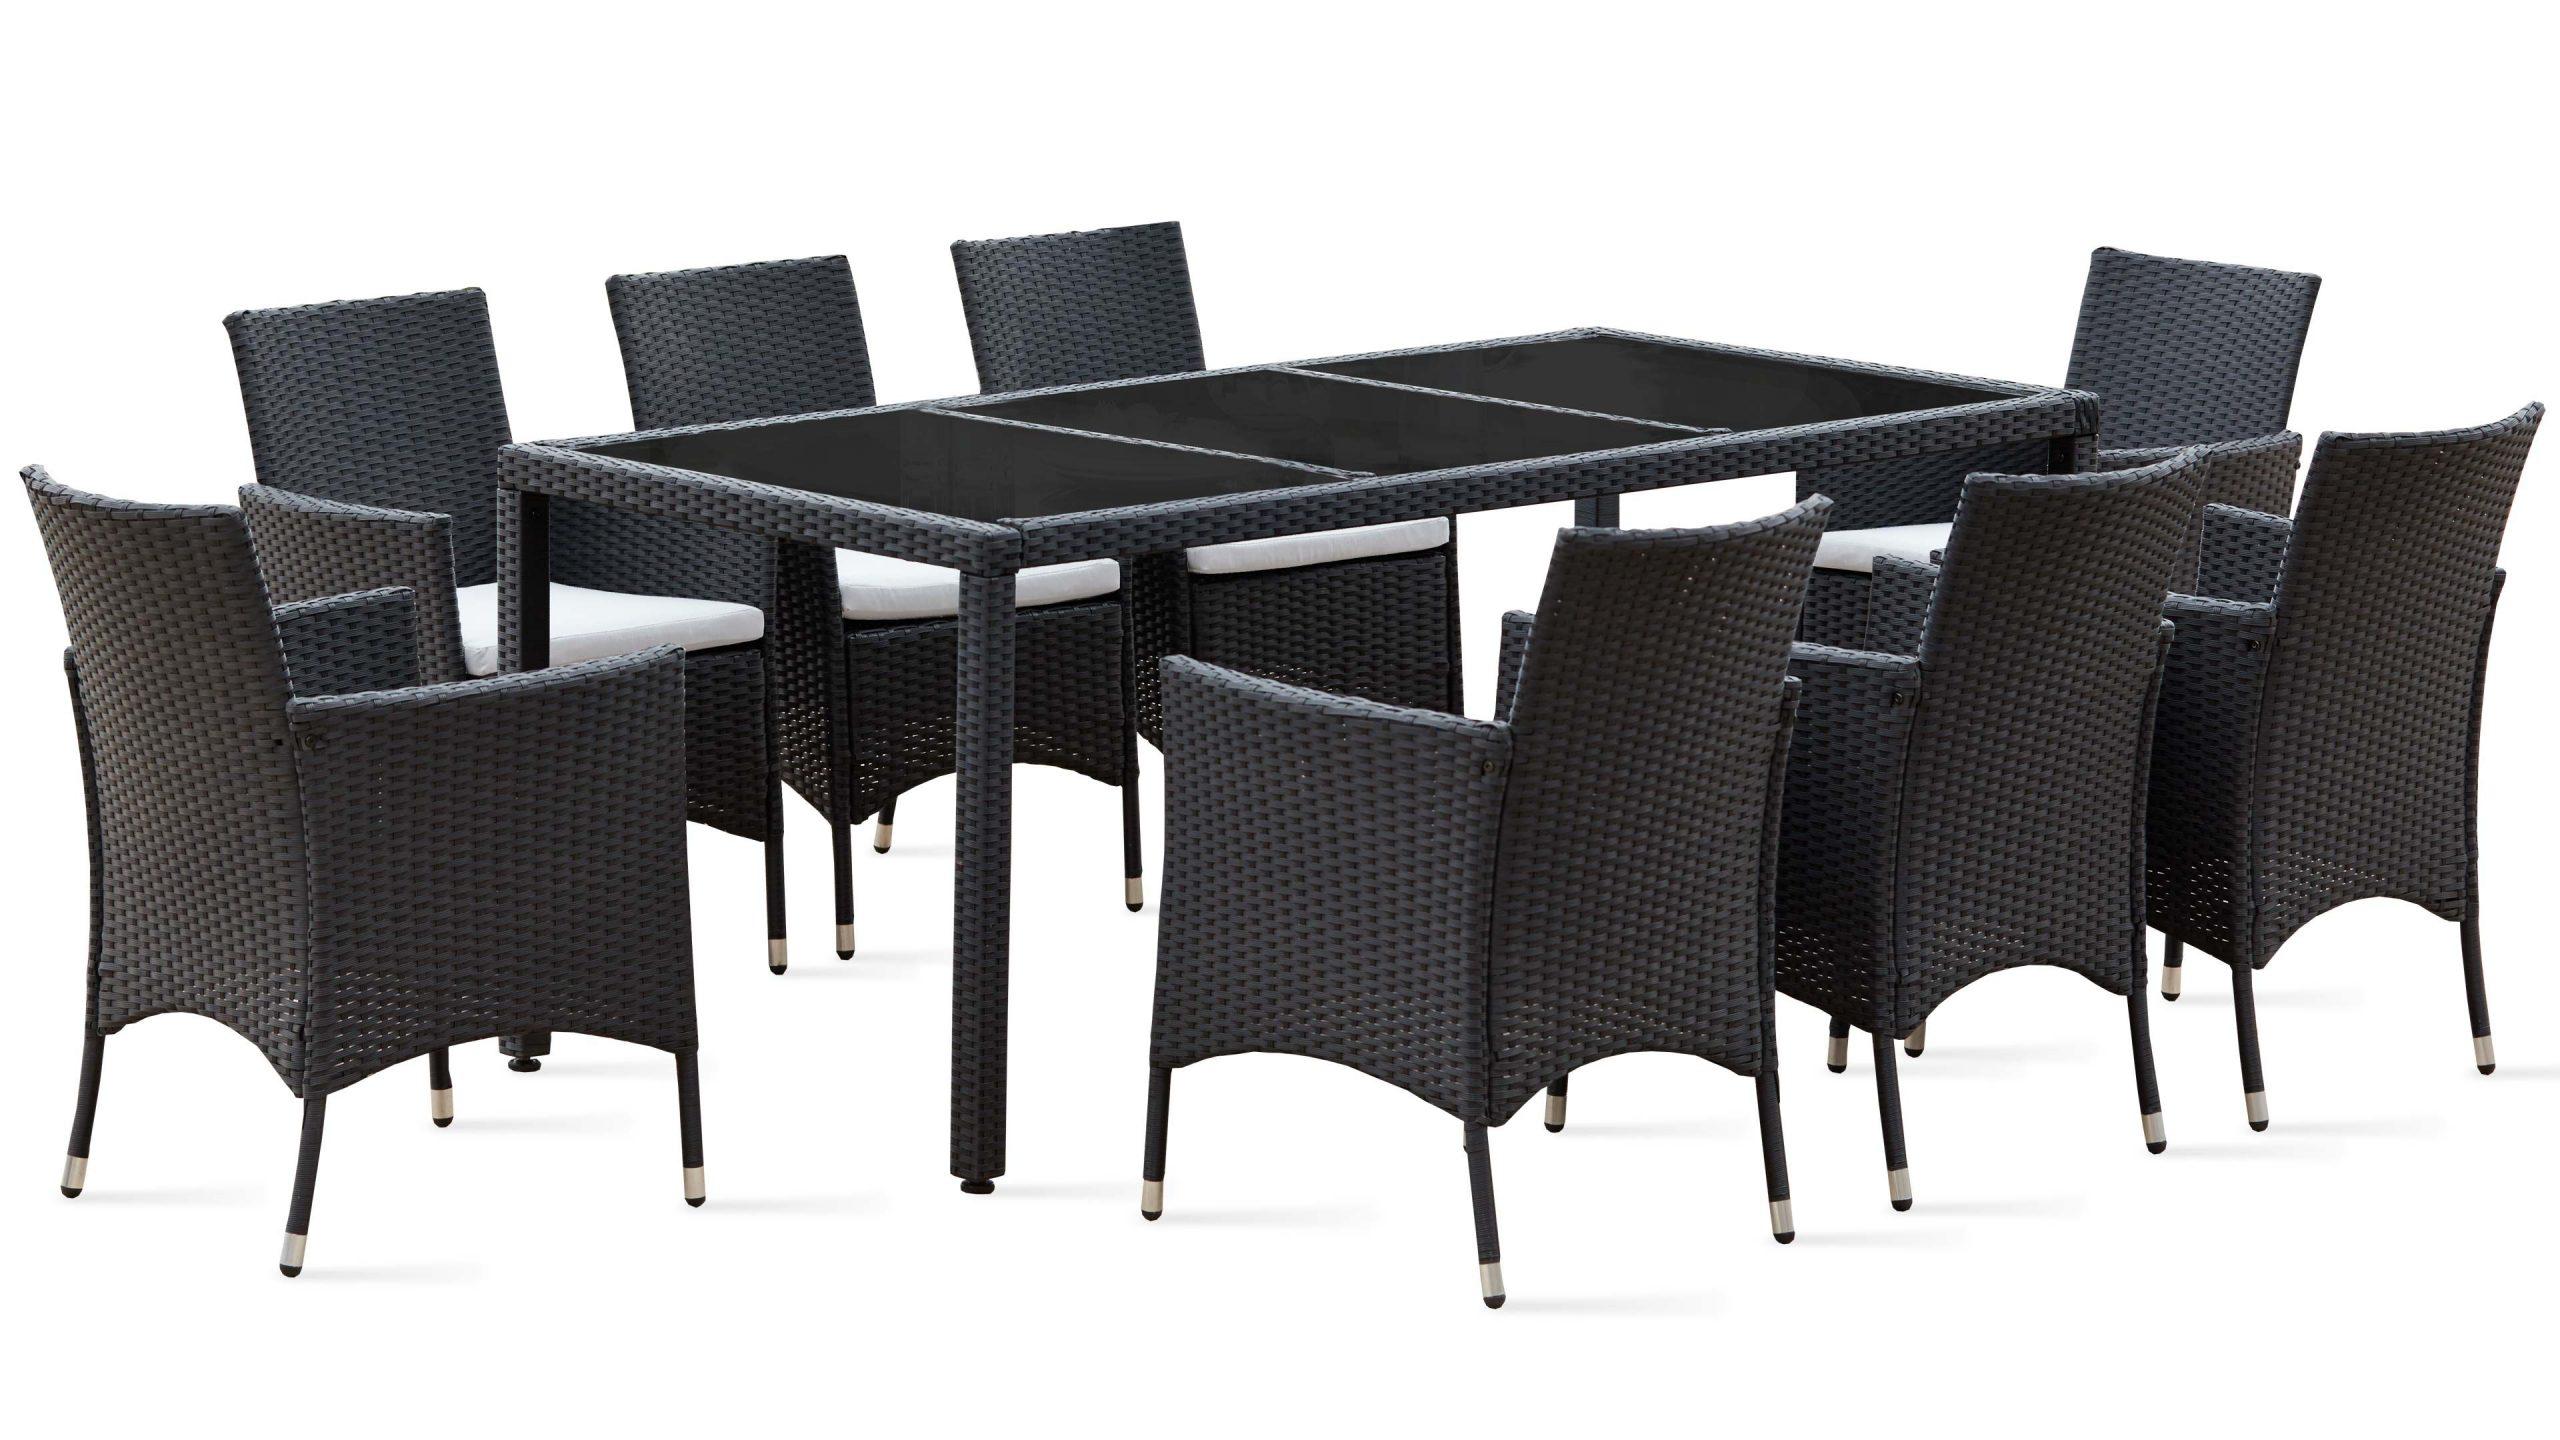 Salon De Jardin Table Résine Tressée 8 Fauteuils concernant Table De Jardin En Resine Tressée